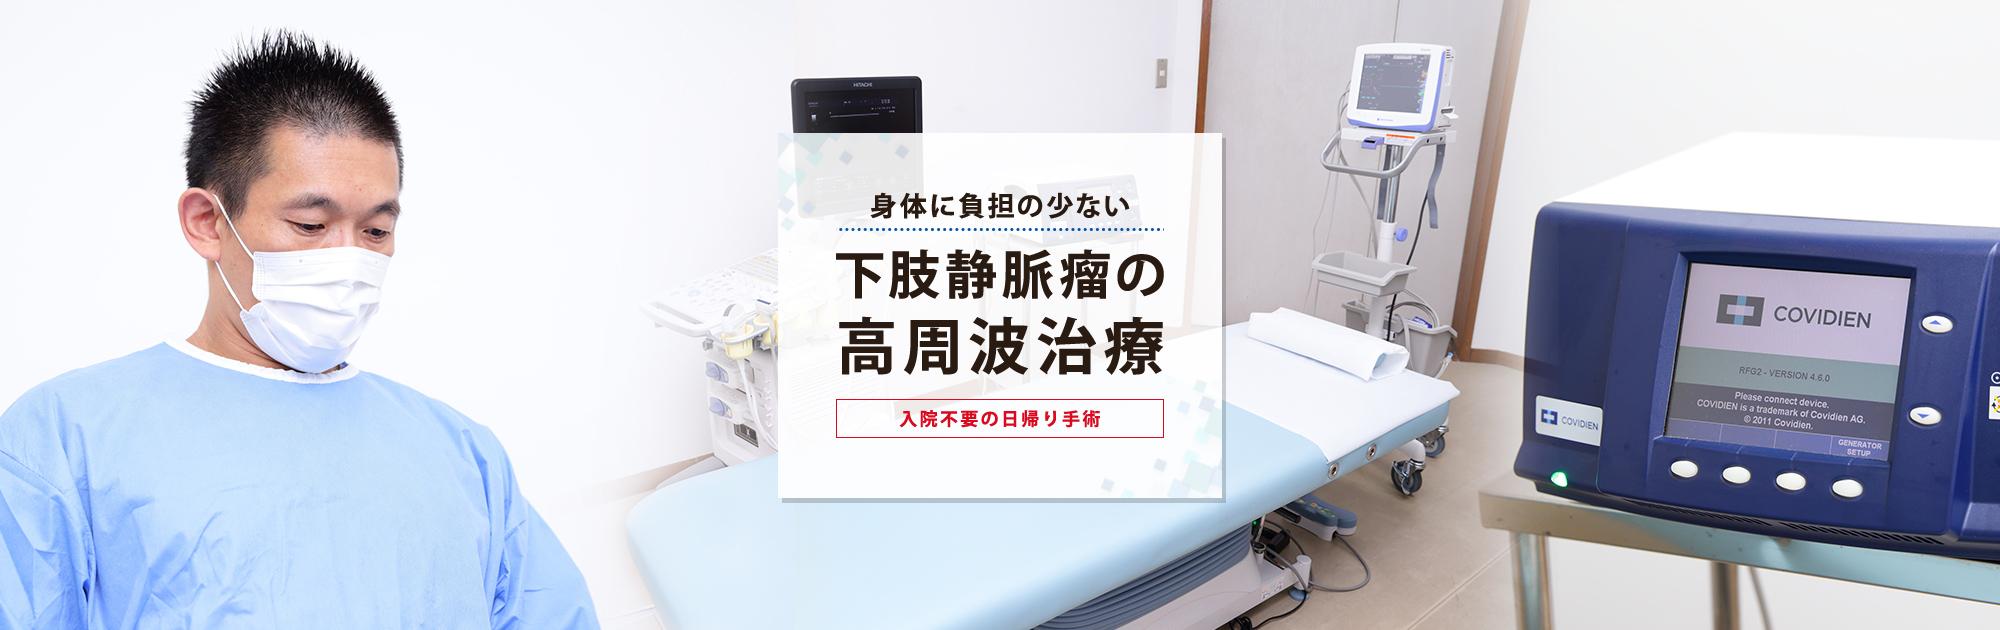 身体に負担の少ない下肢静脈瘤の高周波治療 入院不要の日帰り手術